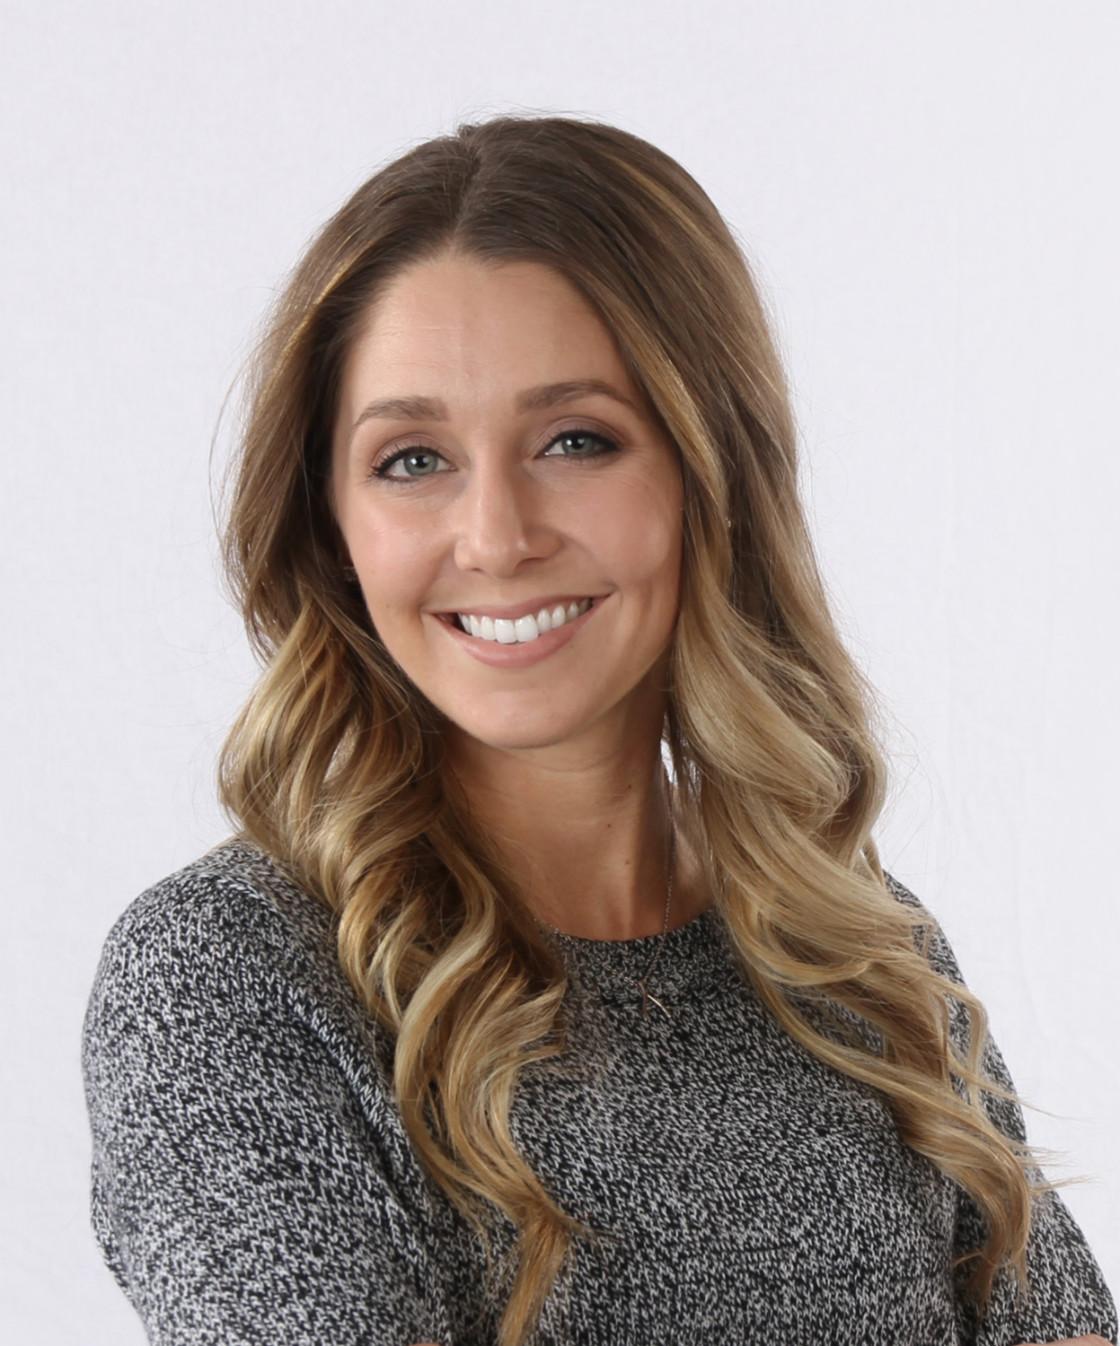 Stephanie Cawiezell